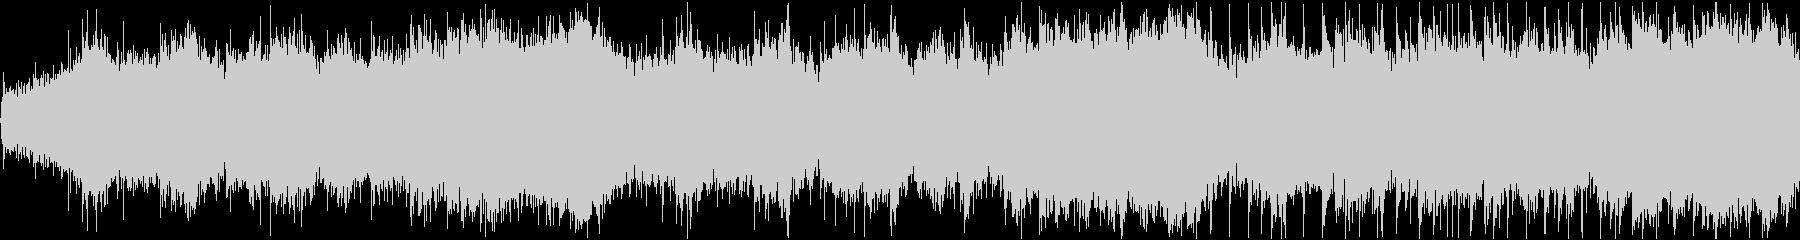 不気味な雰囲気を演出する効果音の未再生の波形